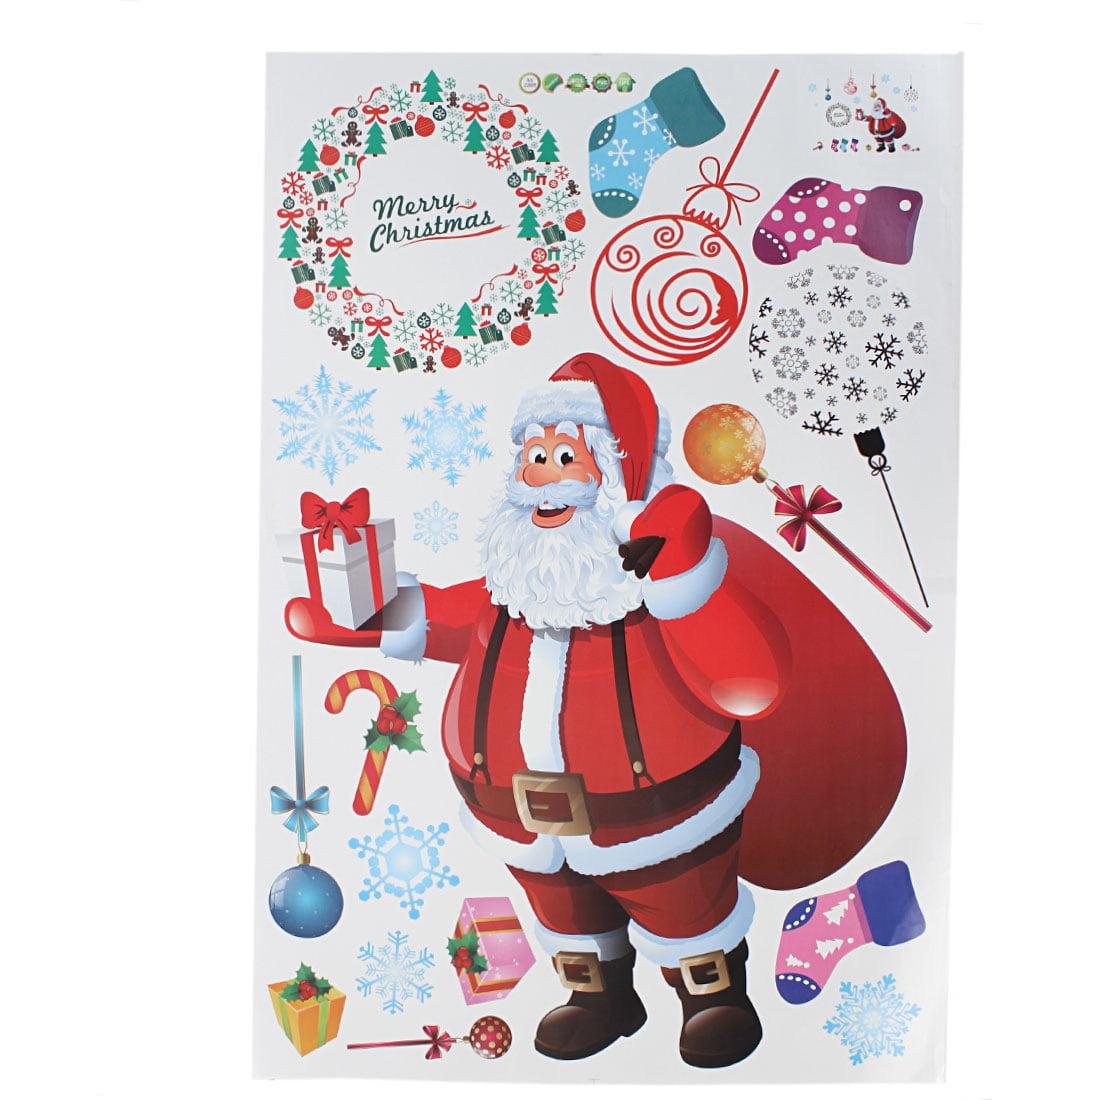 Maison Shop Santa Noël Décoration Papier peint mural amovible